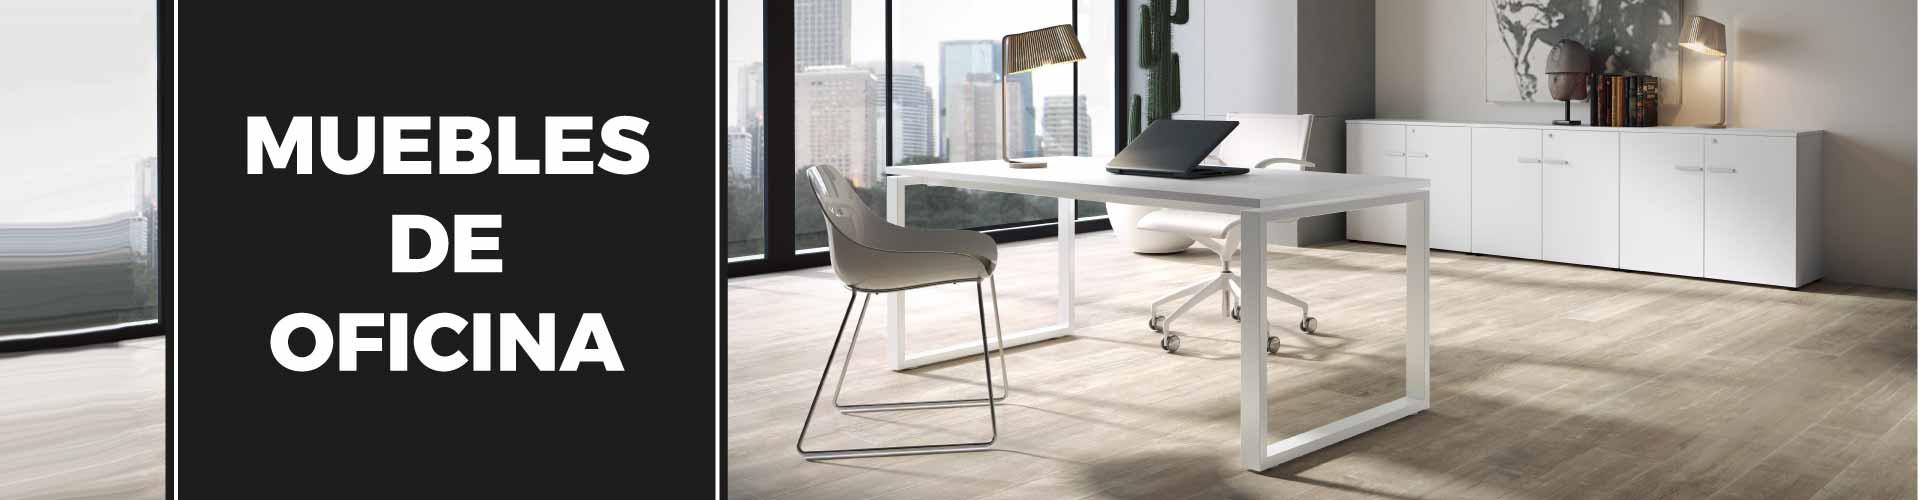 Outlet Sillas De Oficina Madrid.Muebles De Oficina De Calidad